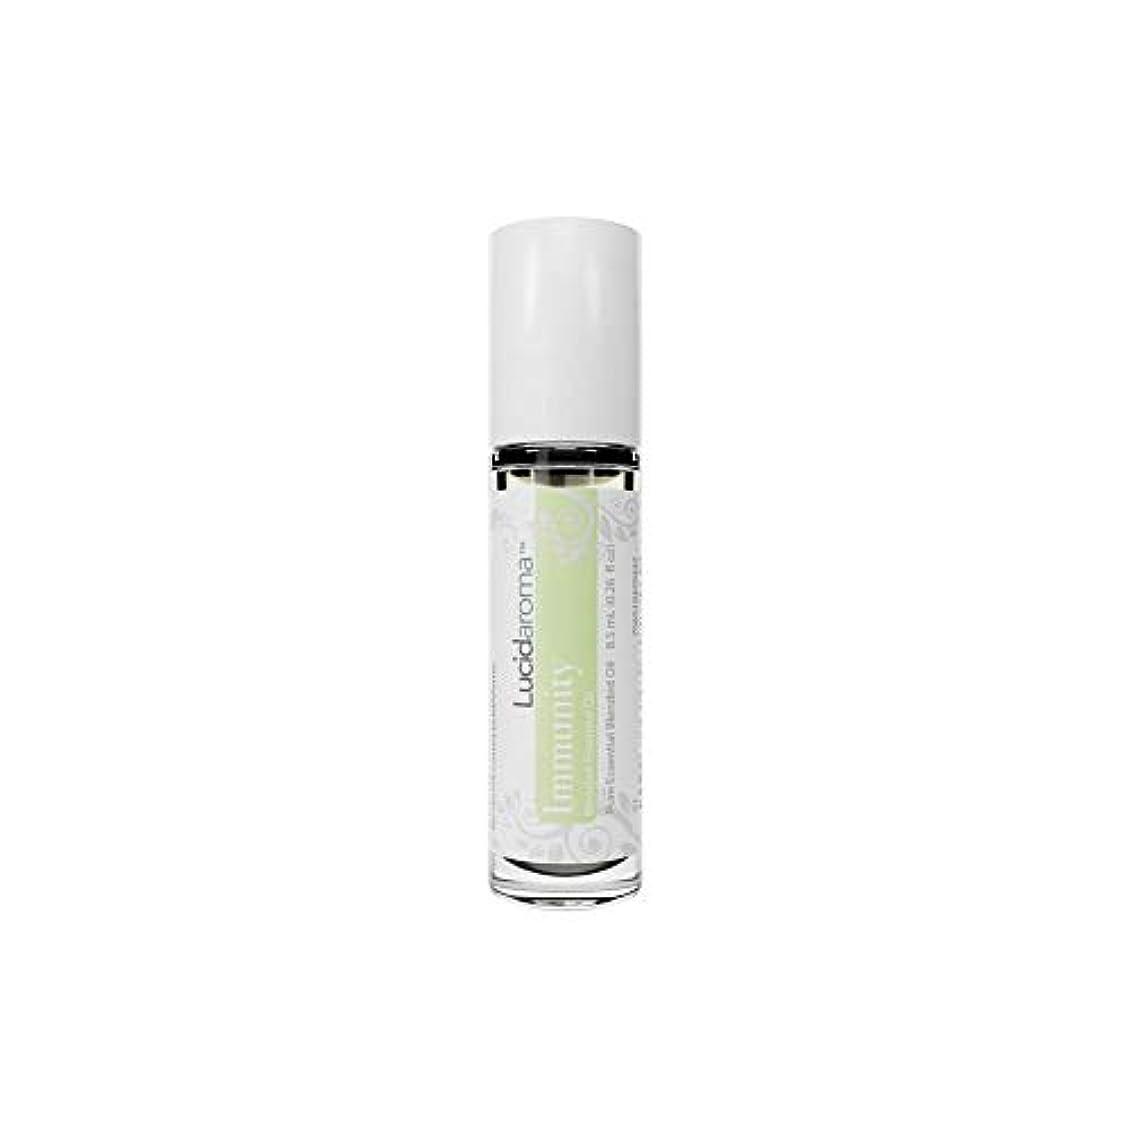 偽造コンサルタント無許可Lucid Aroma Immunity イミュニティ ブレンド ロールオン アロマオイル 8.5mL (塗るアロマ) 100%天然 携帯便利 ピュア エッセンシャル アメリカ製